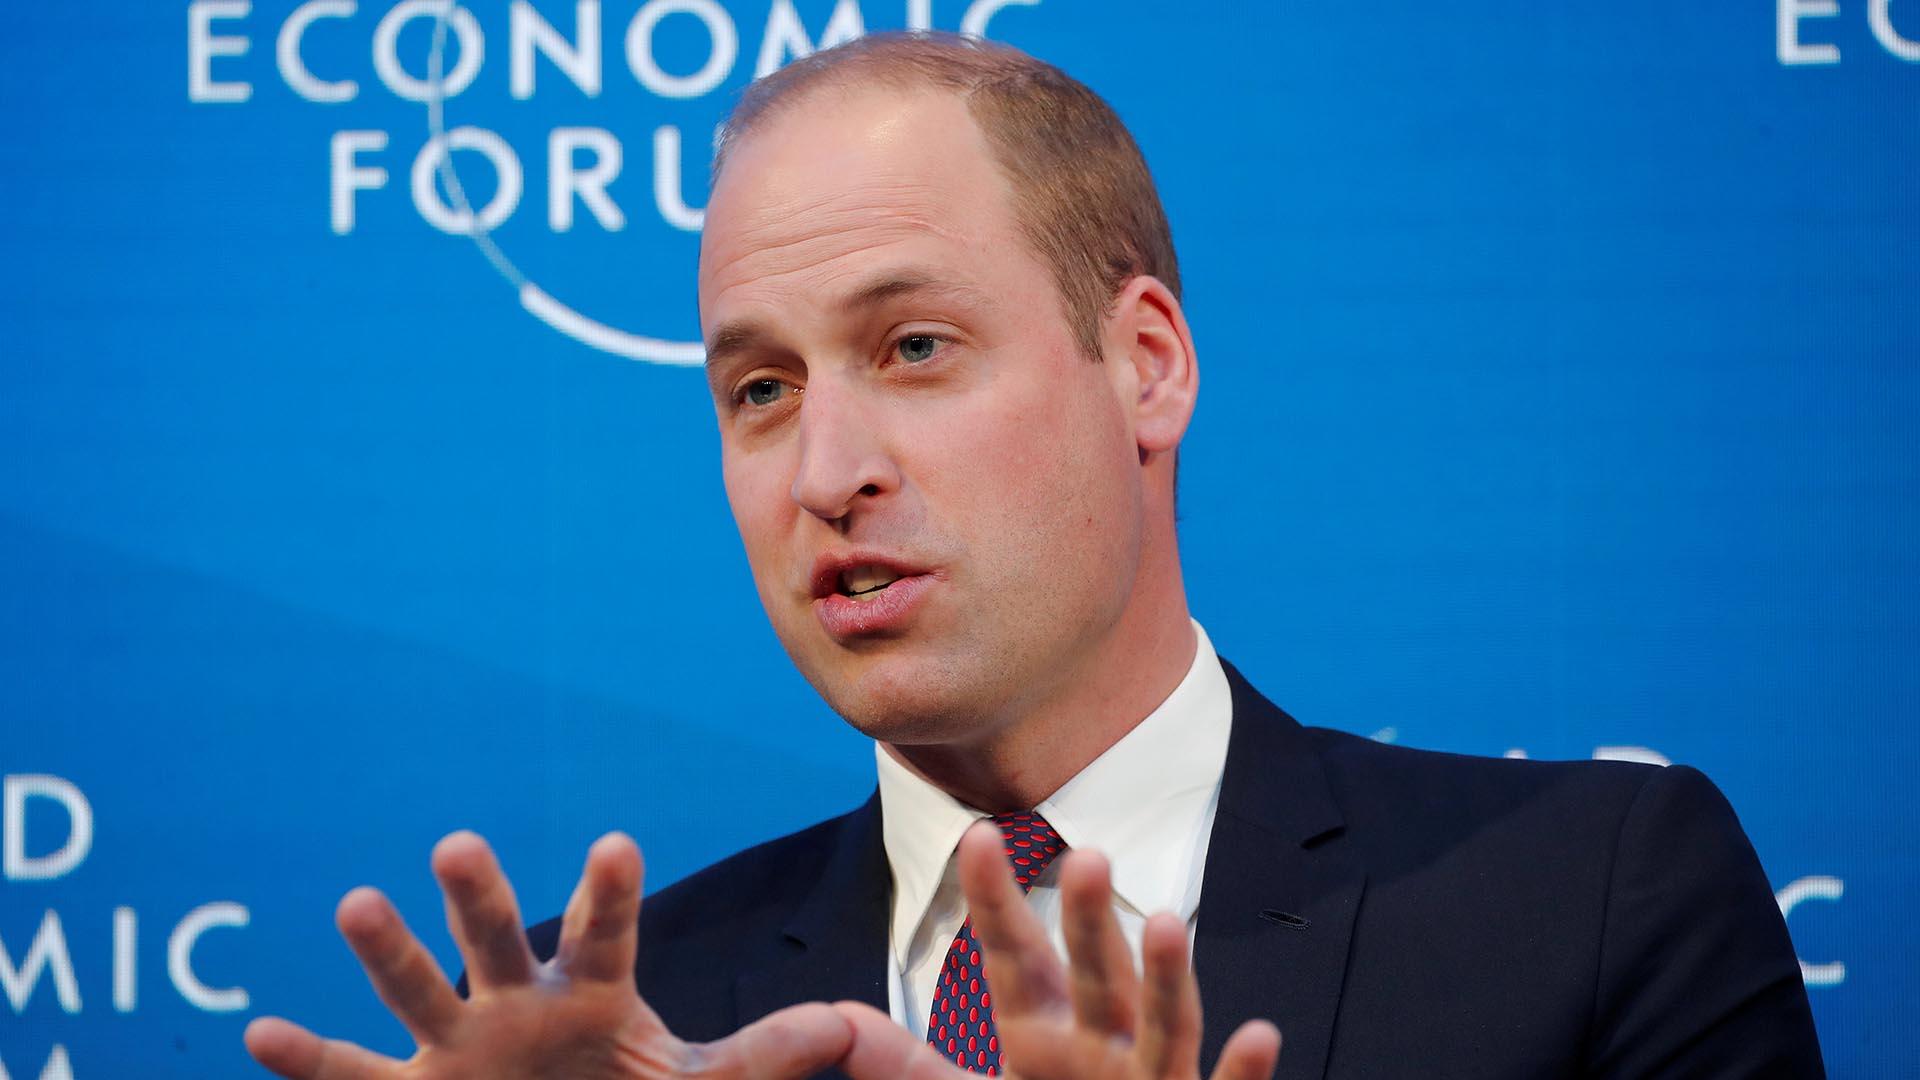 El príncipe William participó del Foro Económico Mundial en Davos, Suiza (WEF) (REUTERS/Arnd Wiegmann)